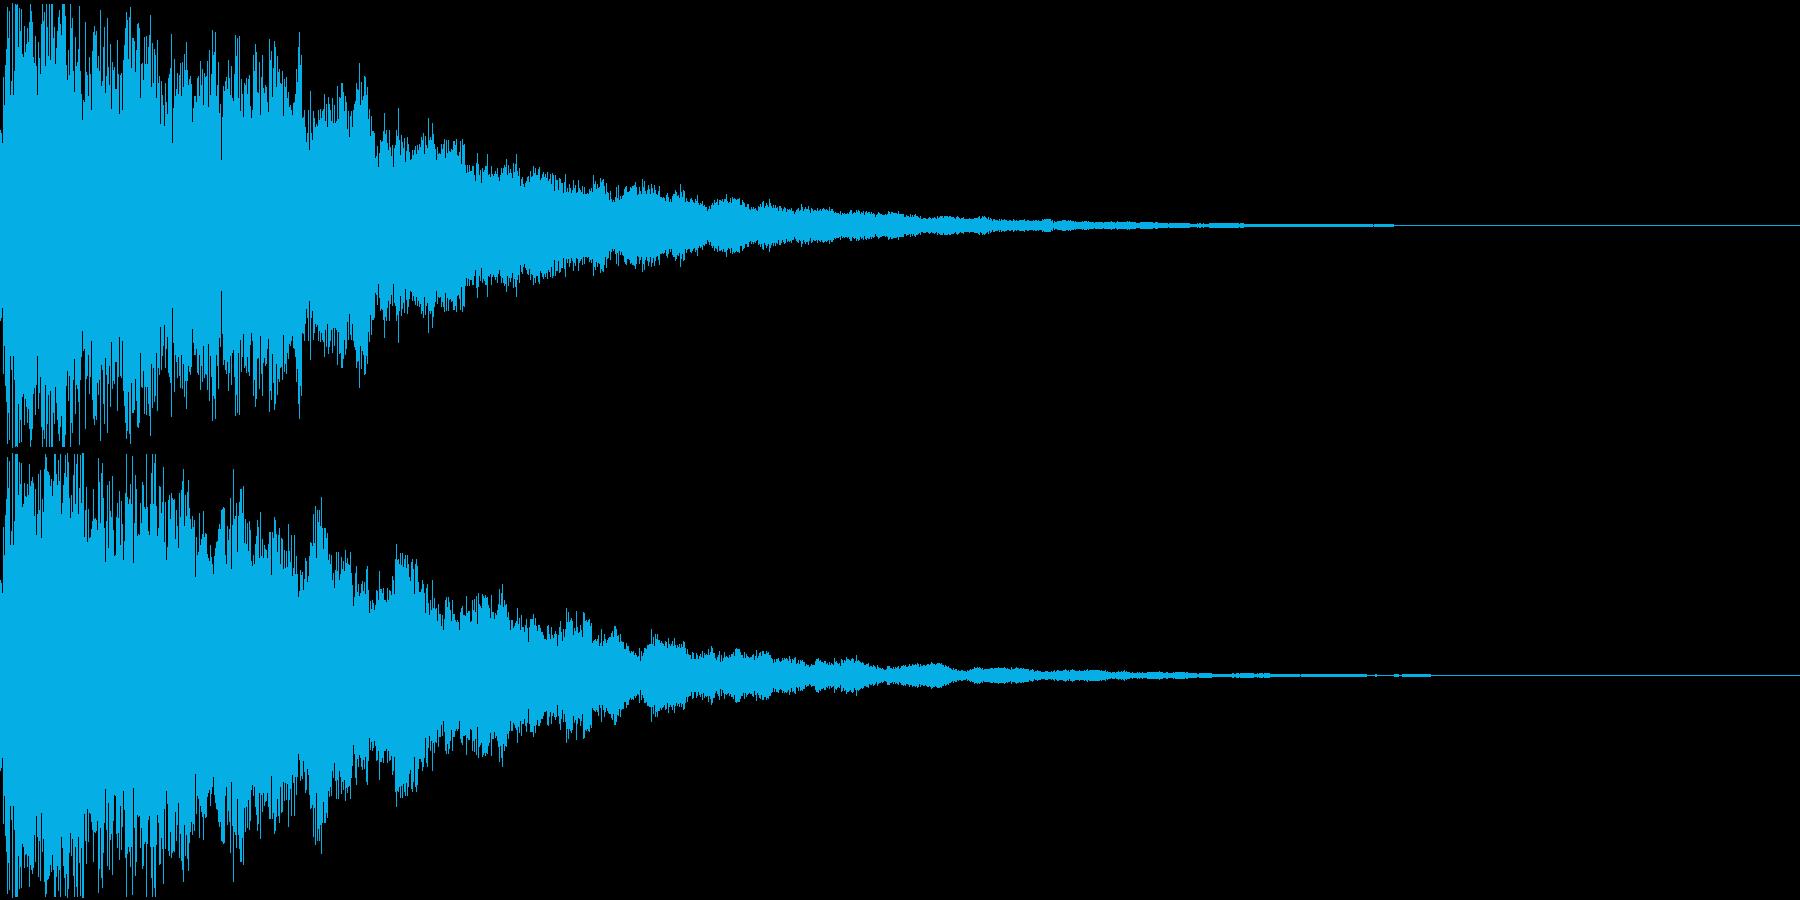 キュイン ギュイーン シャキーン 02の再生済みの波形